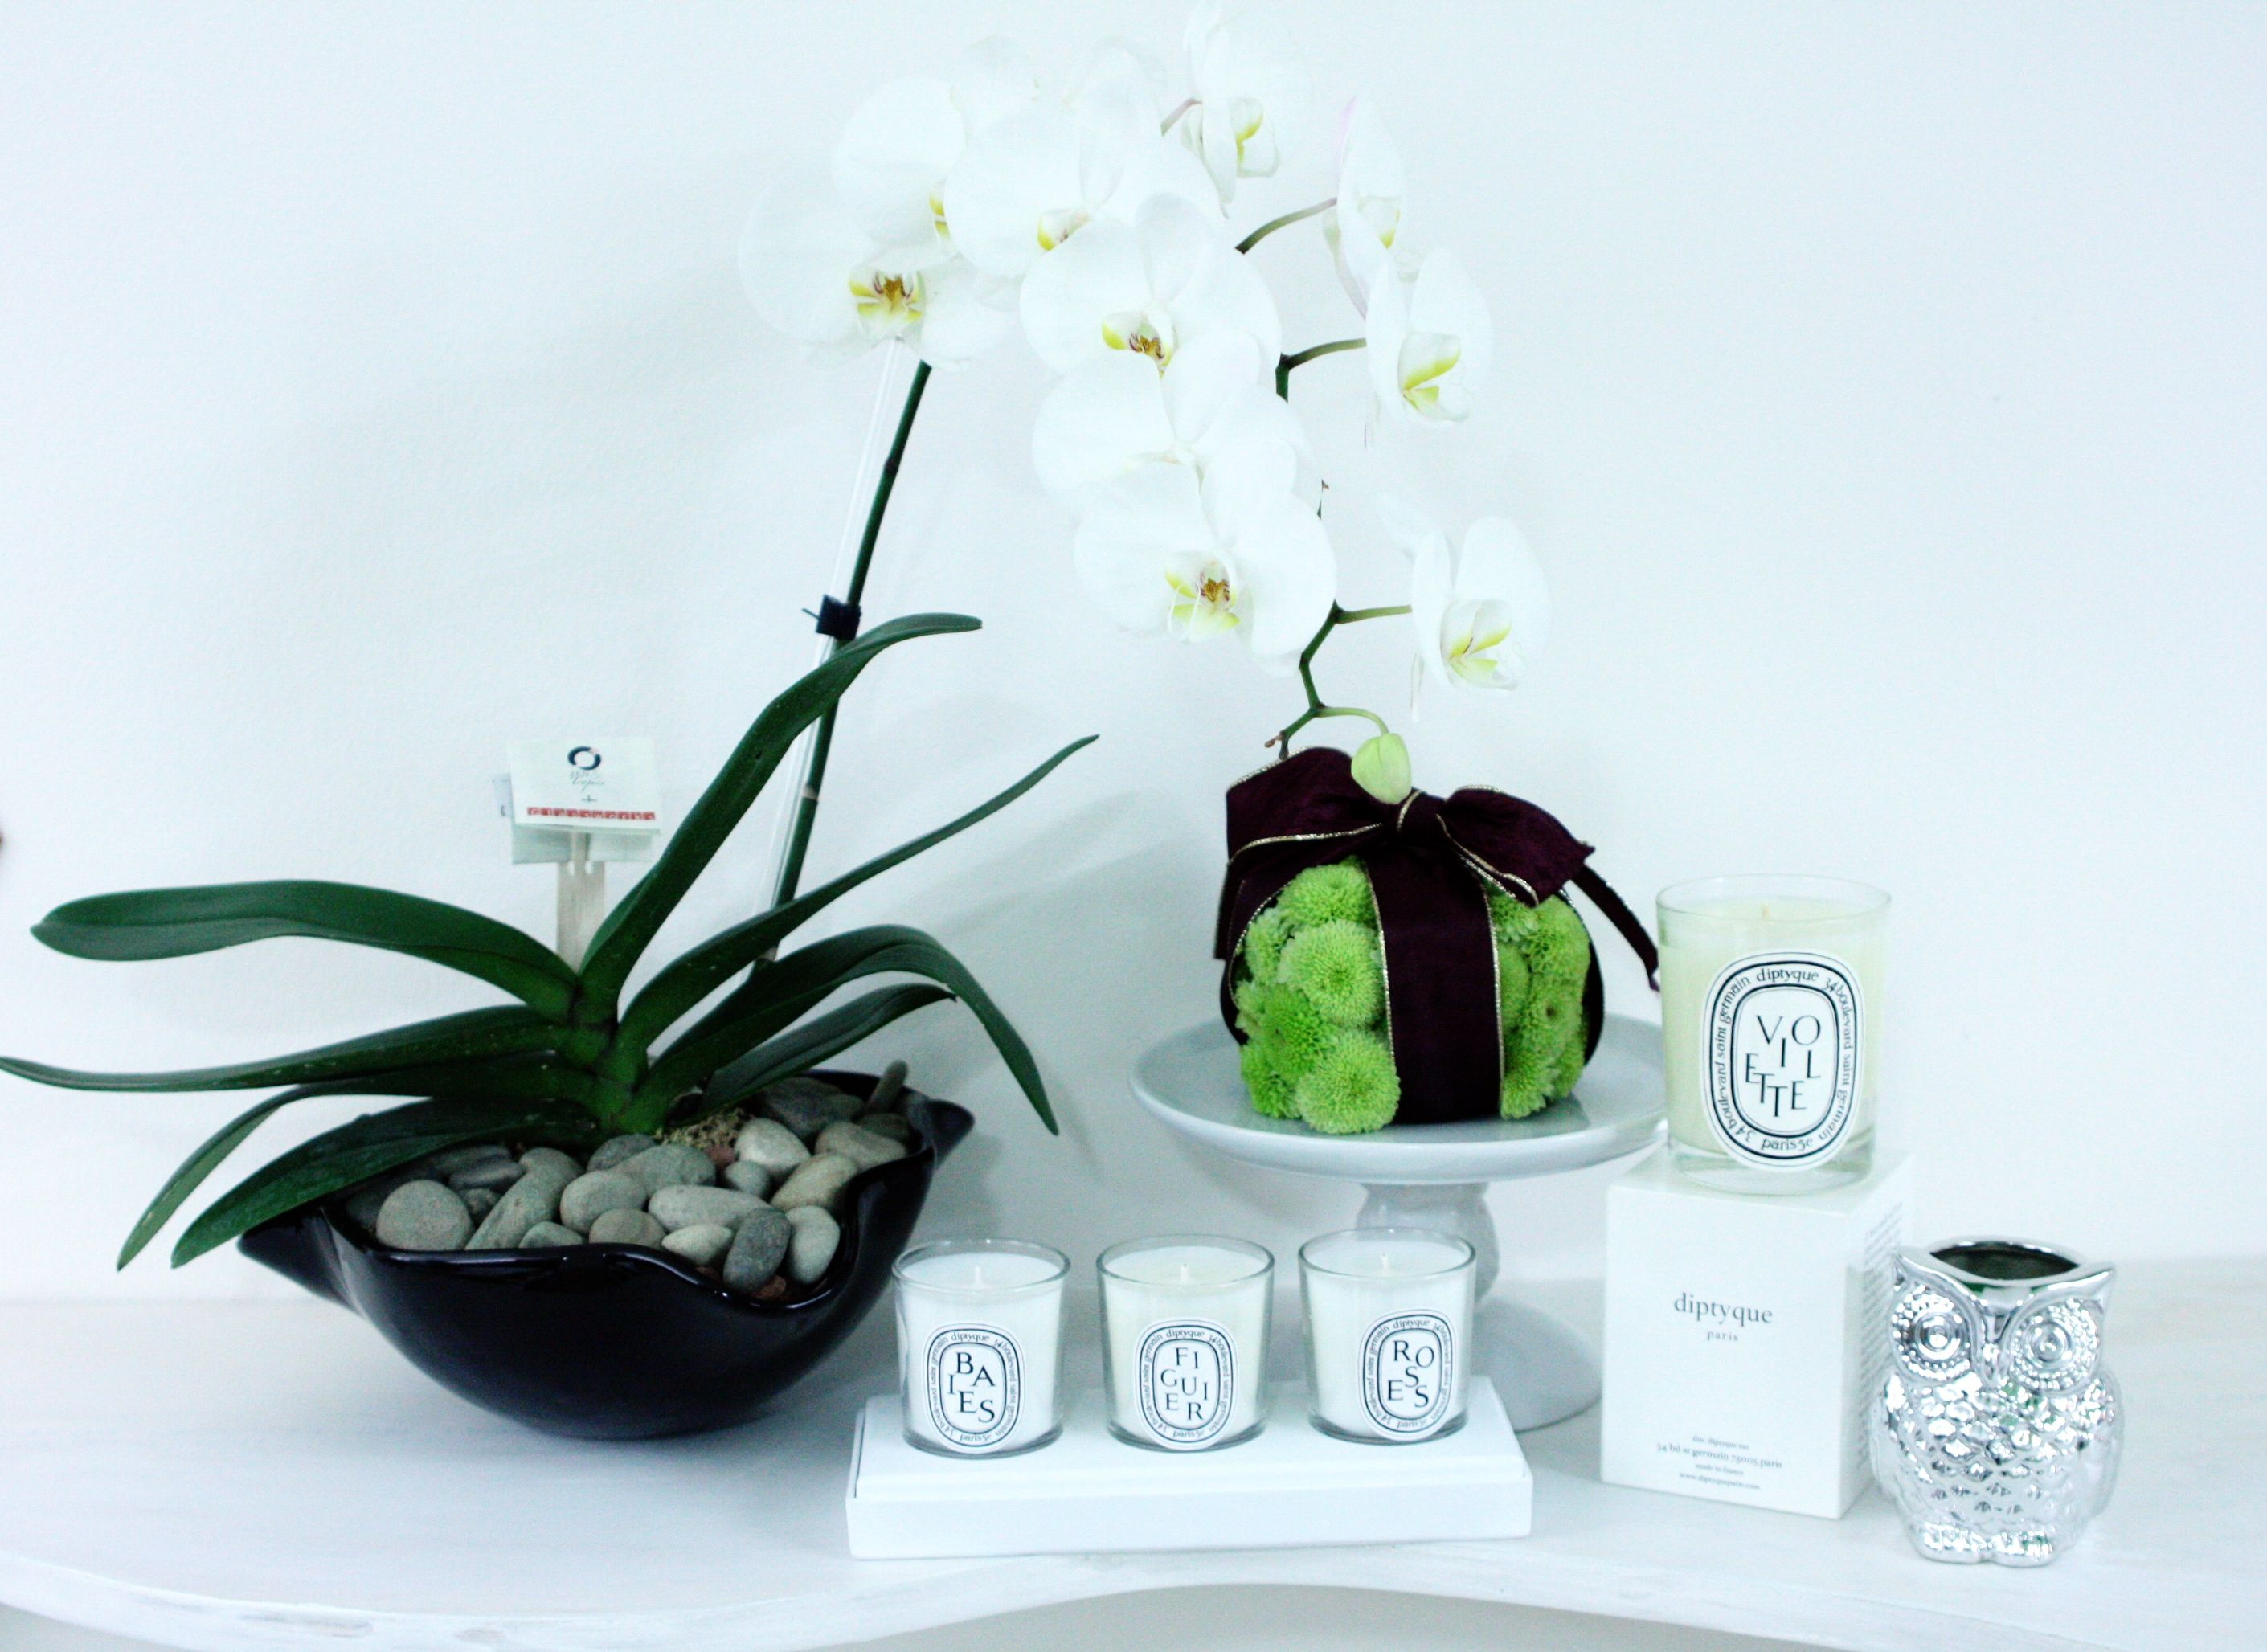 Orquídea blanca en base de vidrio Glassworks y velas Diptyque